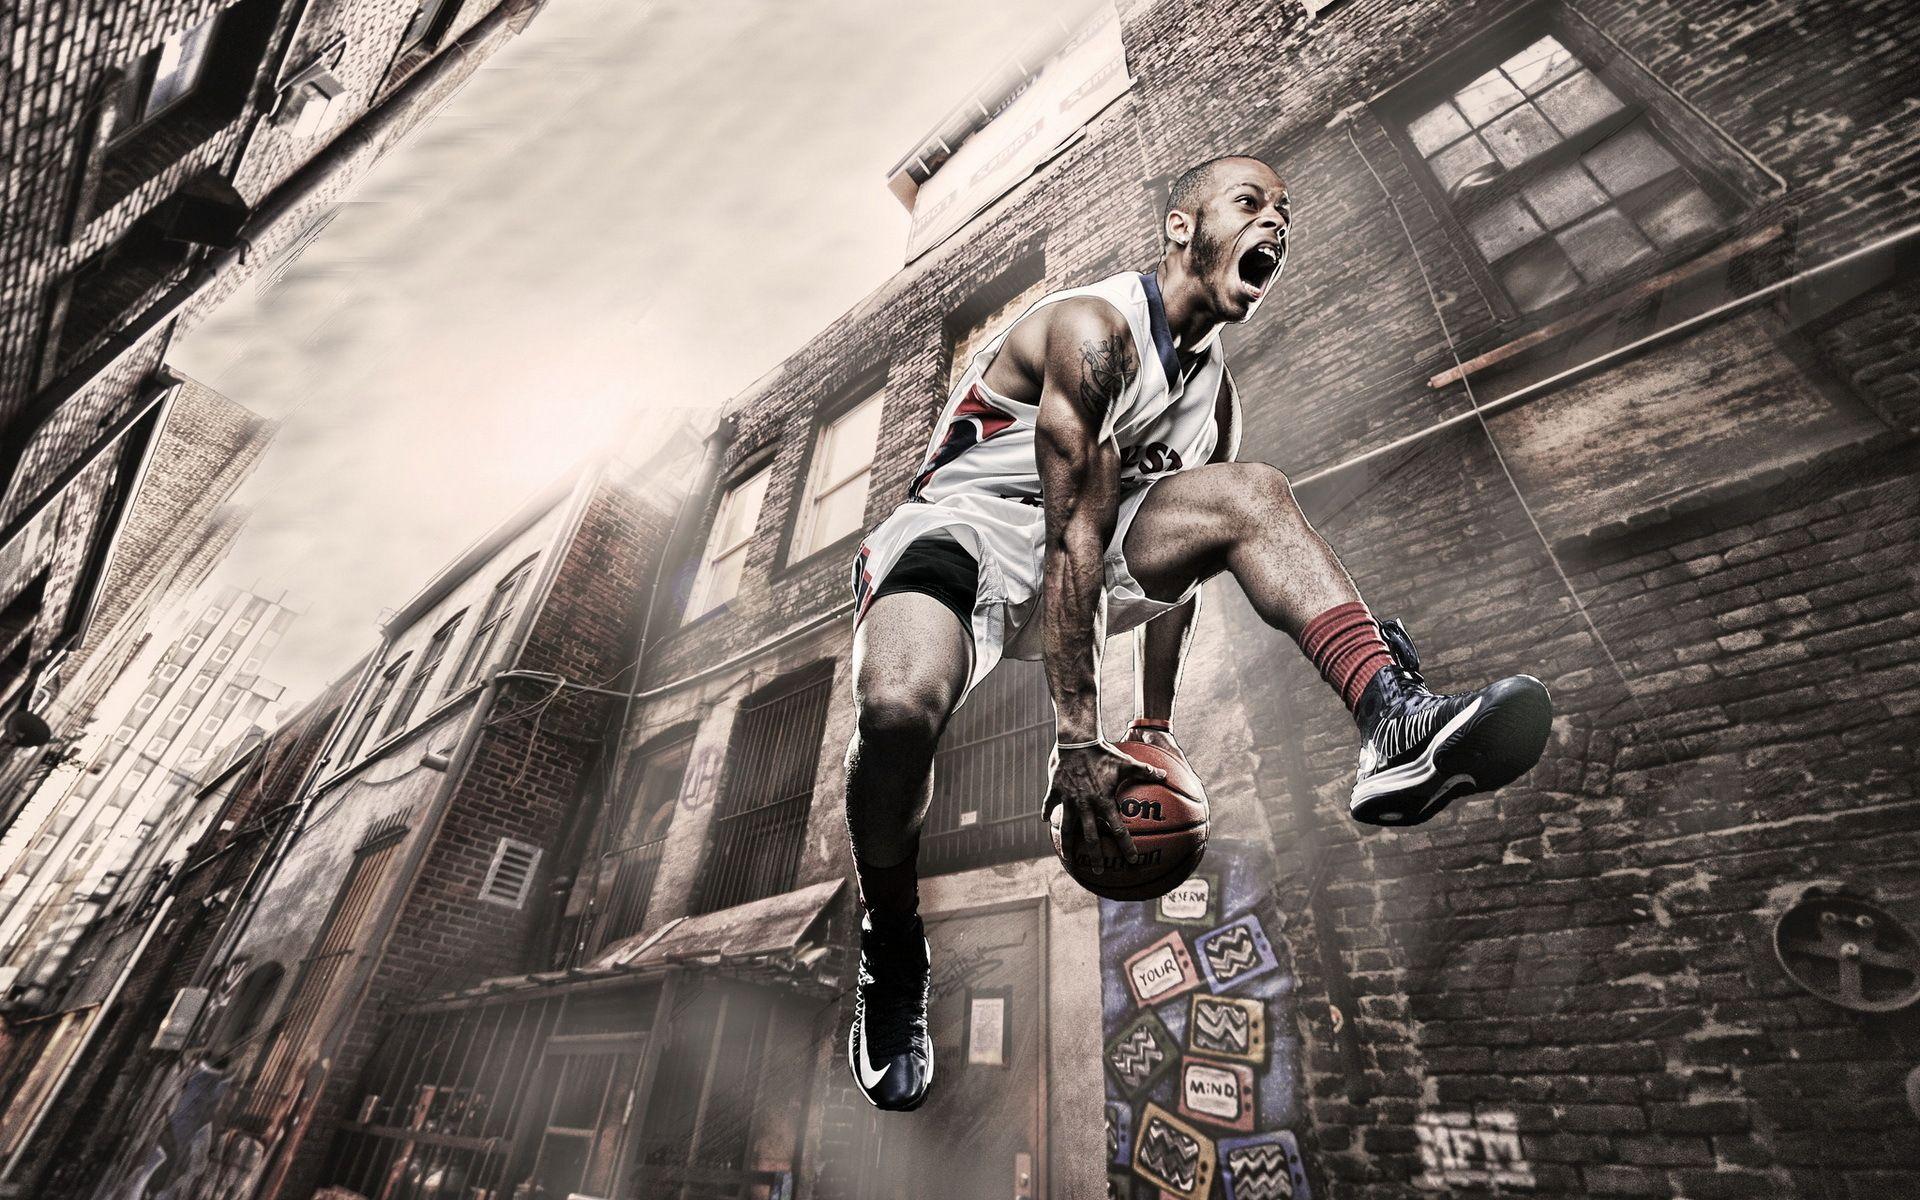 Basketball Wallpaper Full HD 1920x1200 px 859.80 KB